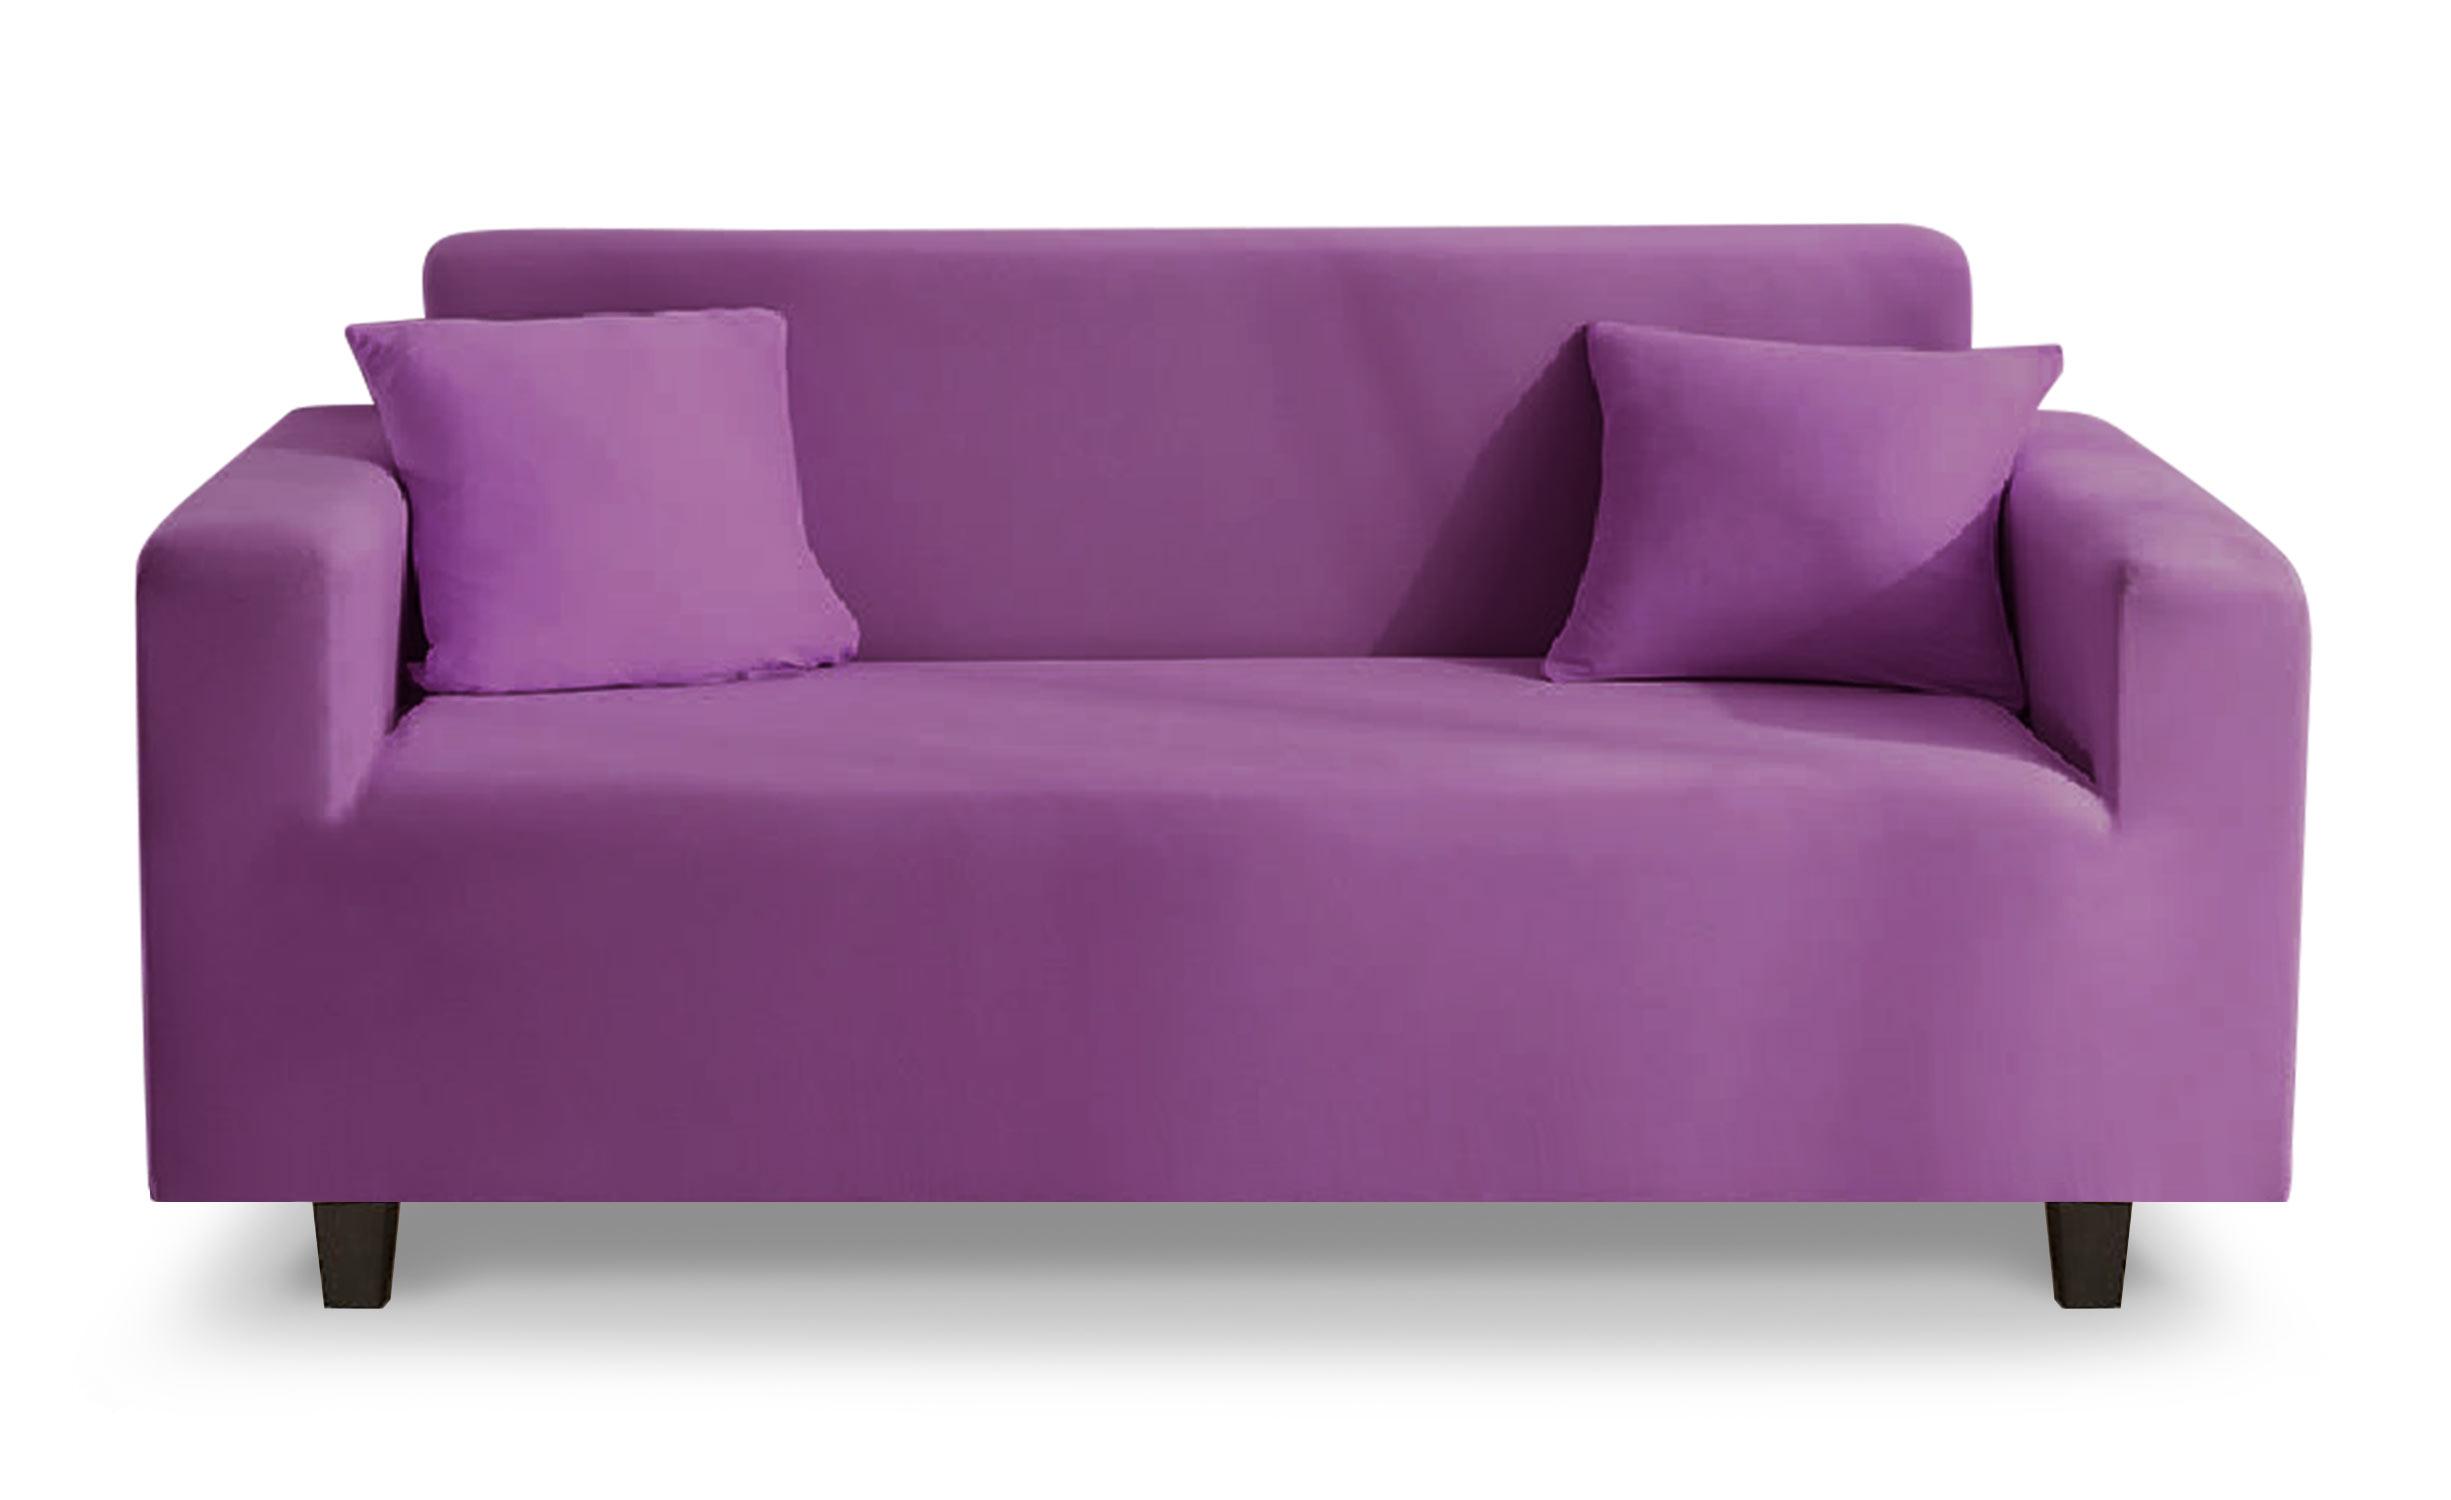 Housse de canapé extensible Decoprotect 2 places Violet